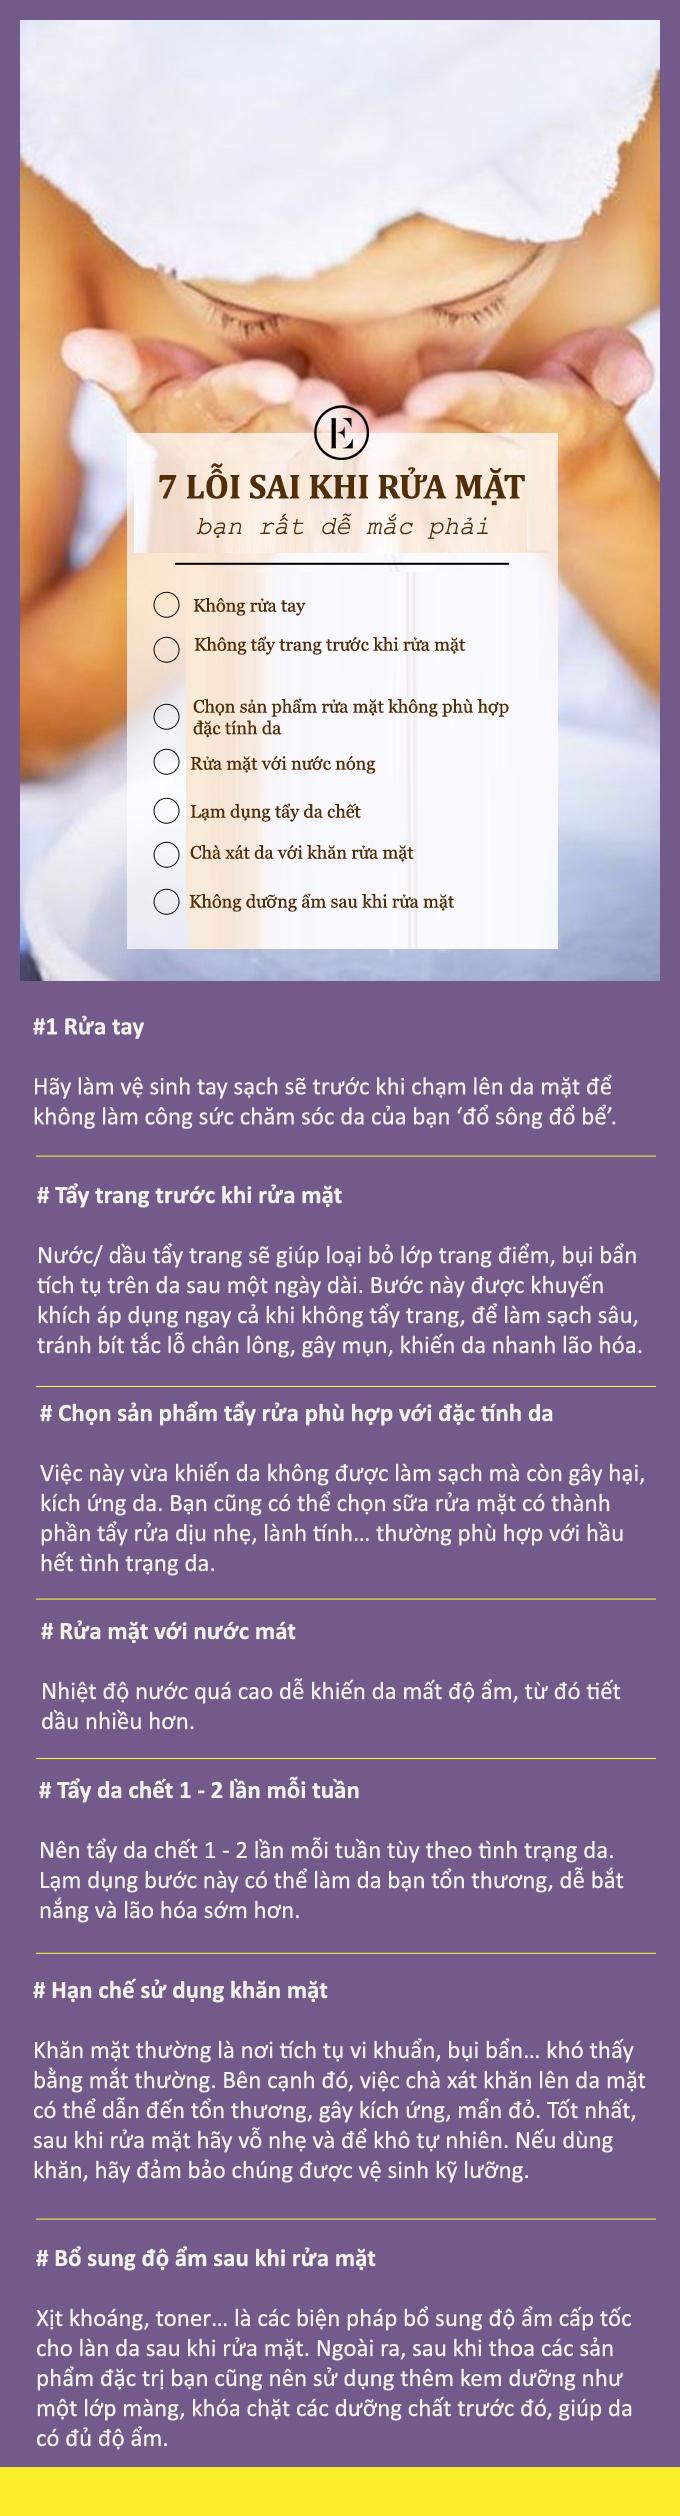 7 lỗi thường gặp khi rửa mặt